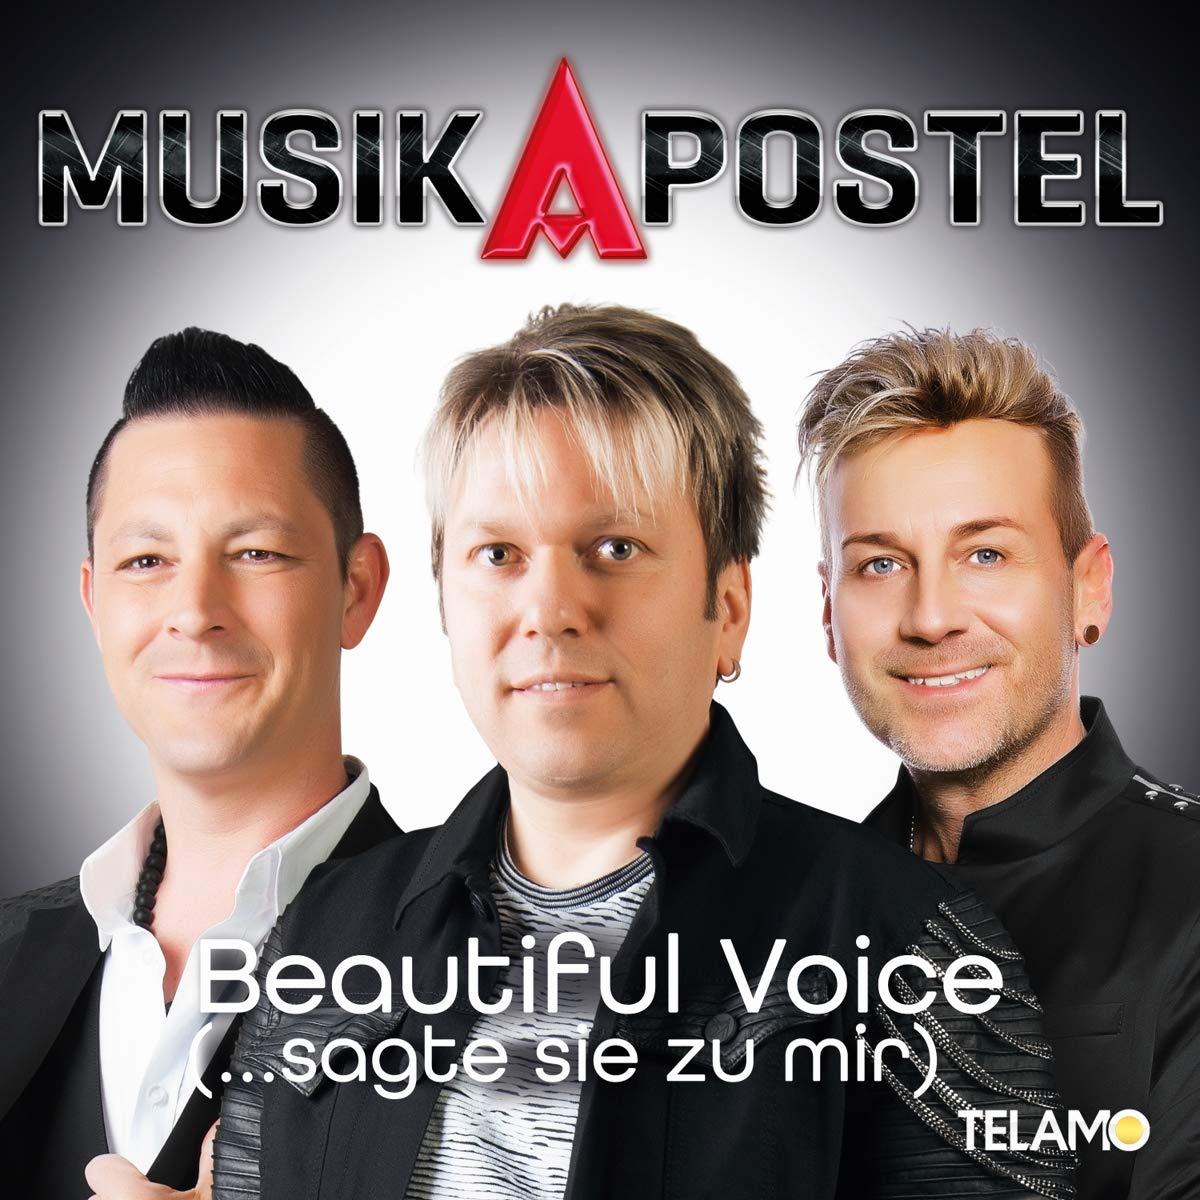 MusikApostel - Beautiful Voice (...sagte sie zu mir) (2020)